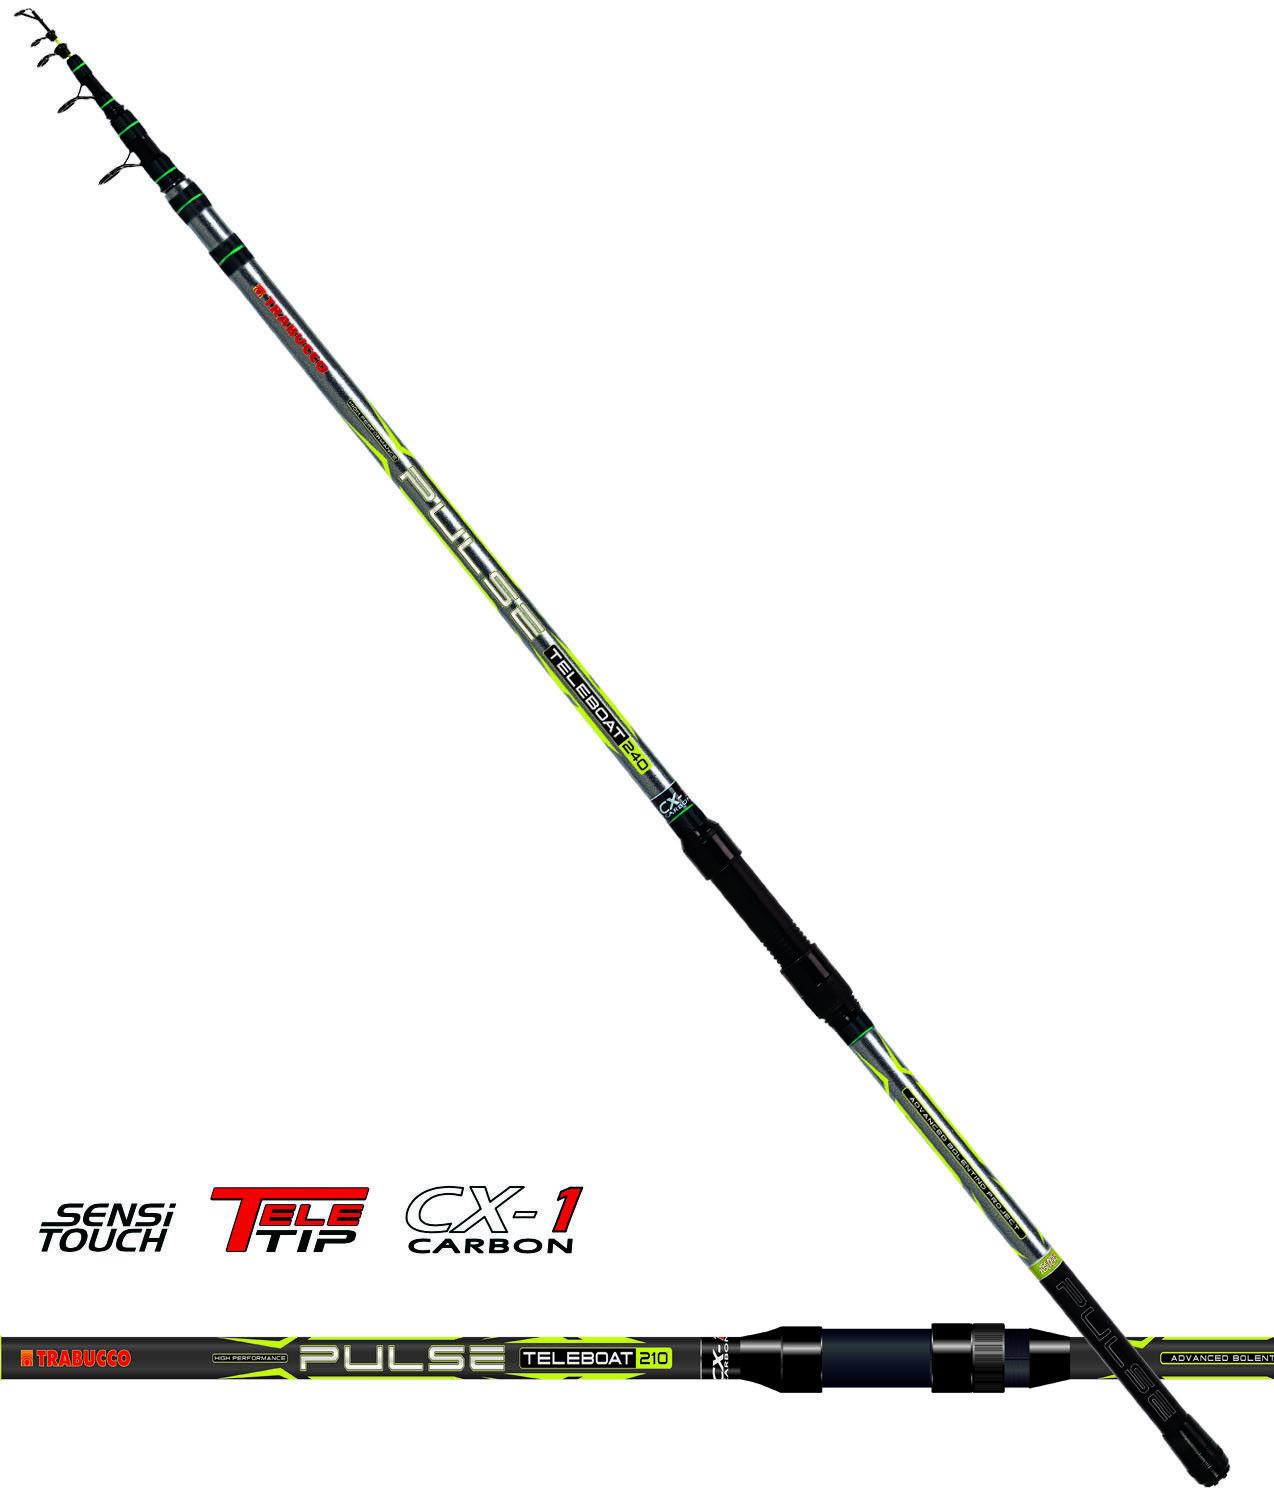 16270240 Canna pesca mare barca Bolentino Trabucco Pulse Teleboat 240 cx-1 CAS